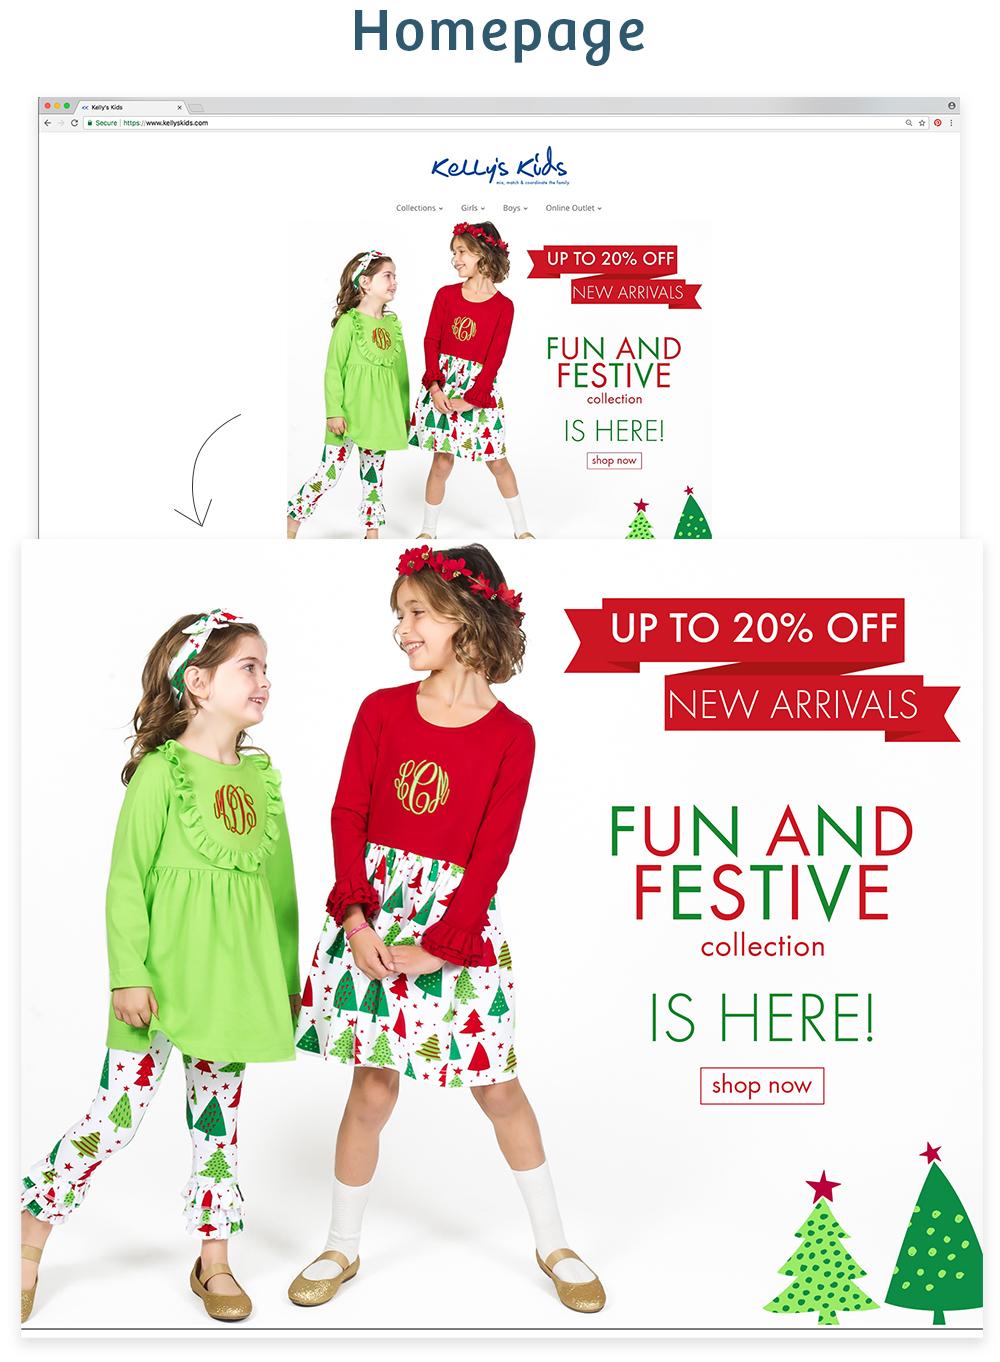 FF_Homepage.jpg